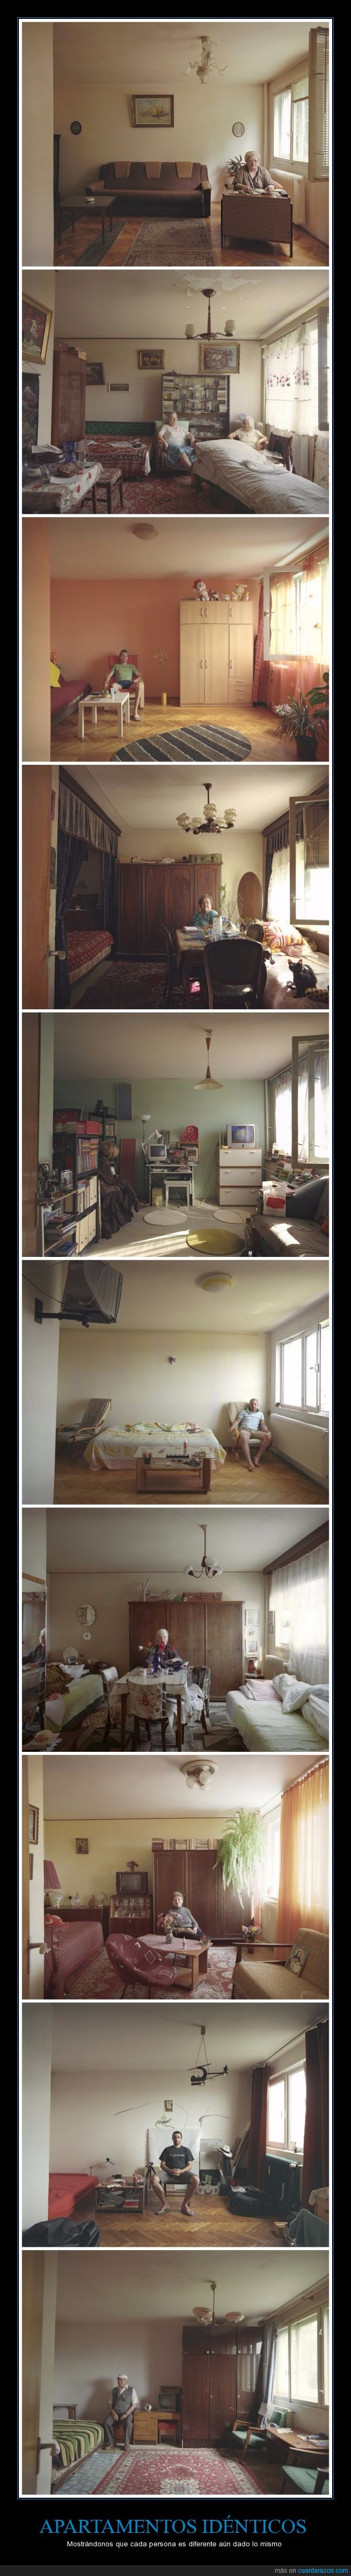 apartamento,casa,decoración,diferente,estudio,mismo,muebles,vida,vivienda